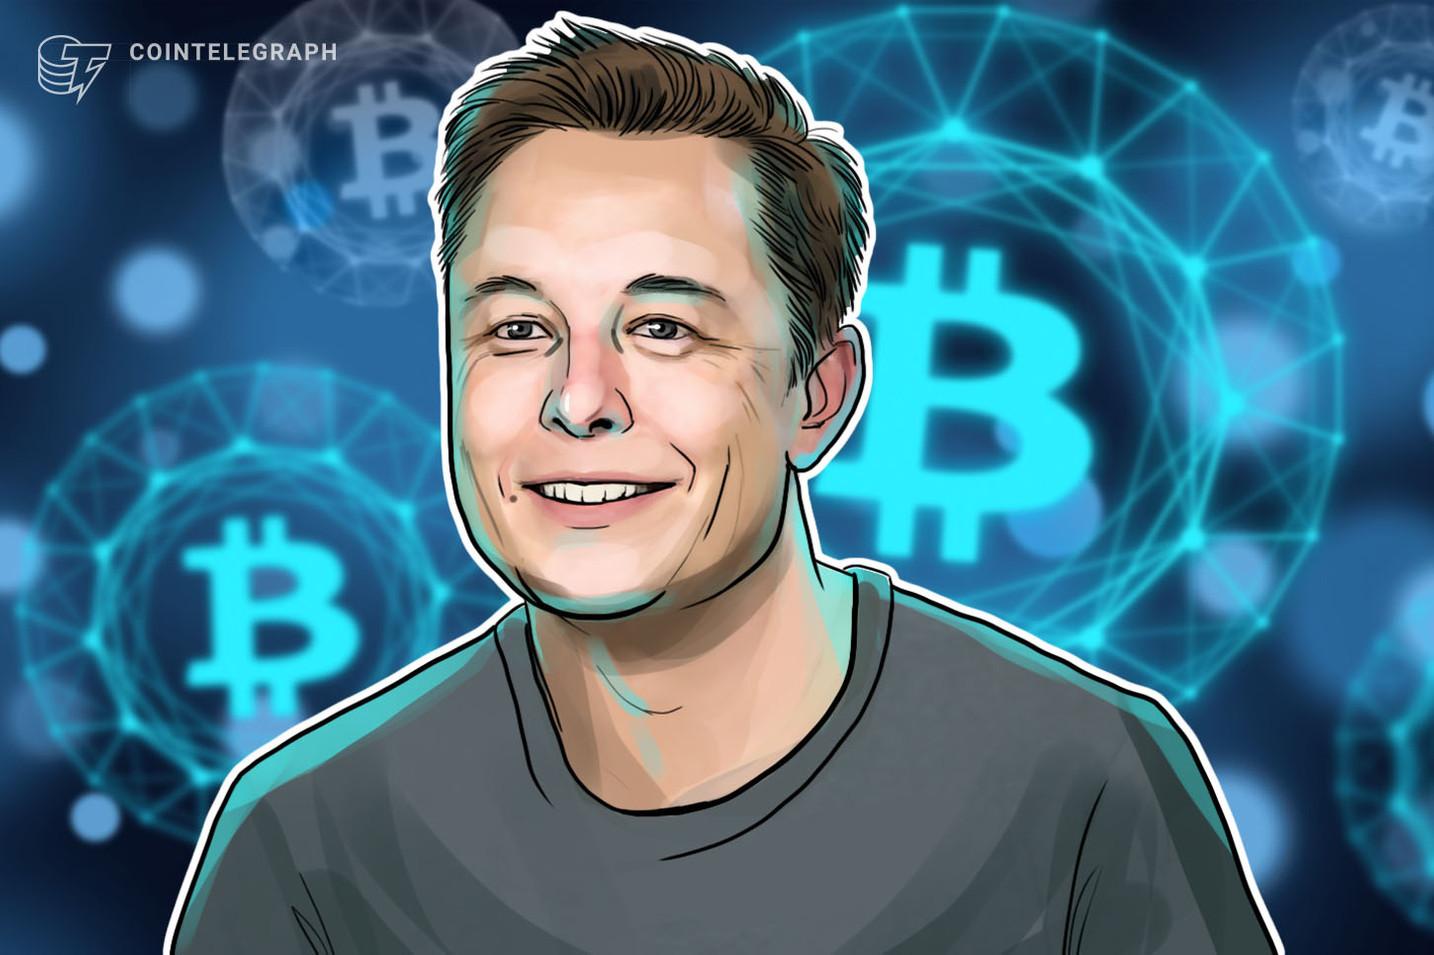 Elon Musk y las criptomonedas: ¿Cómo hacer dinero siguiendo sus tuits?